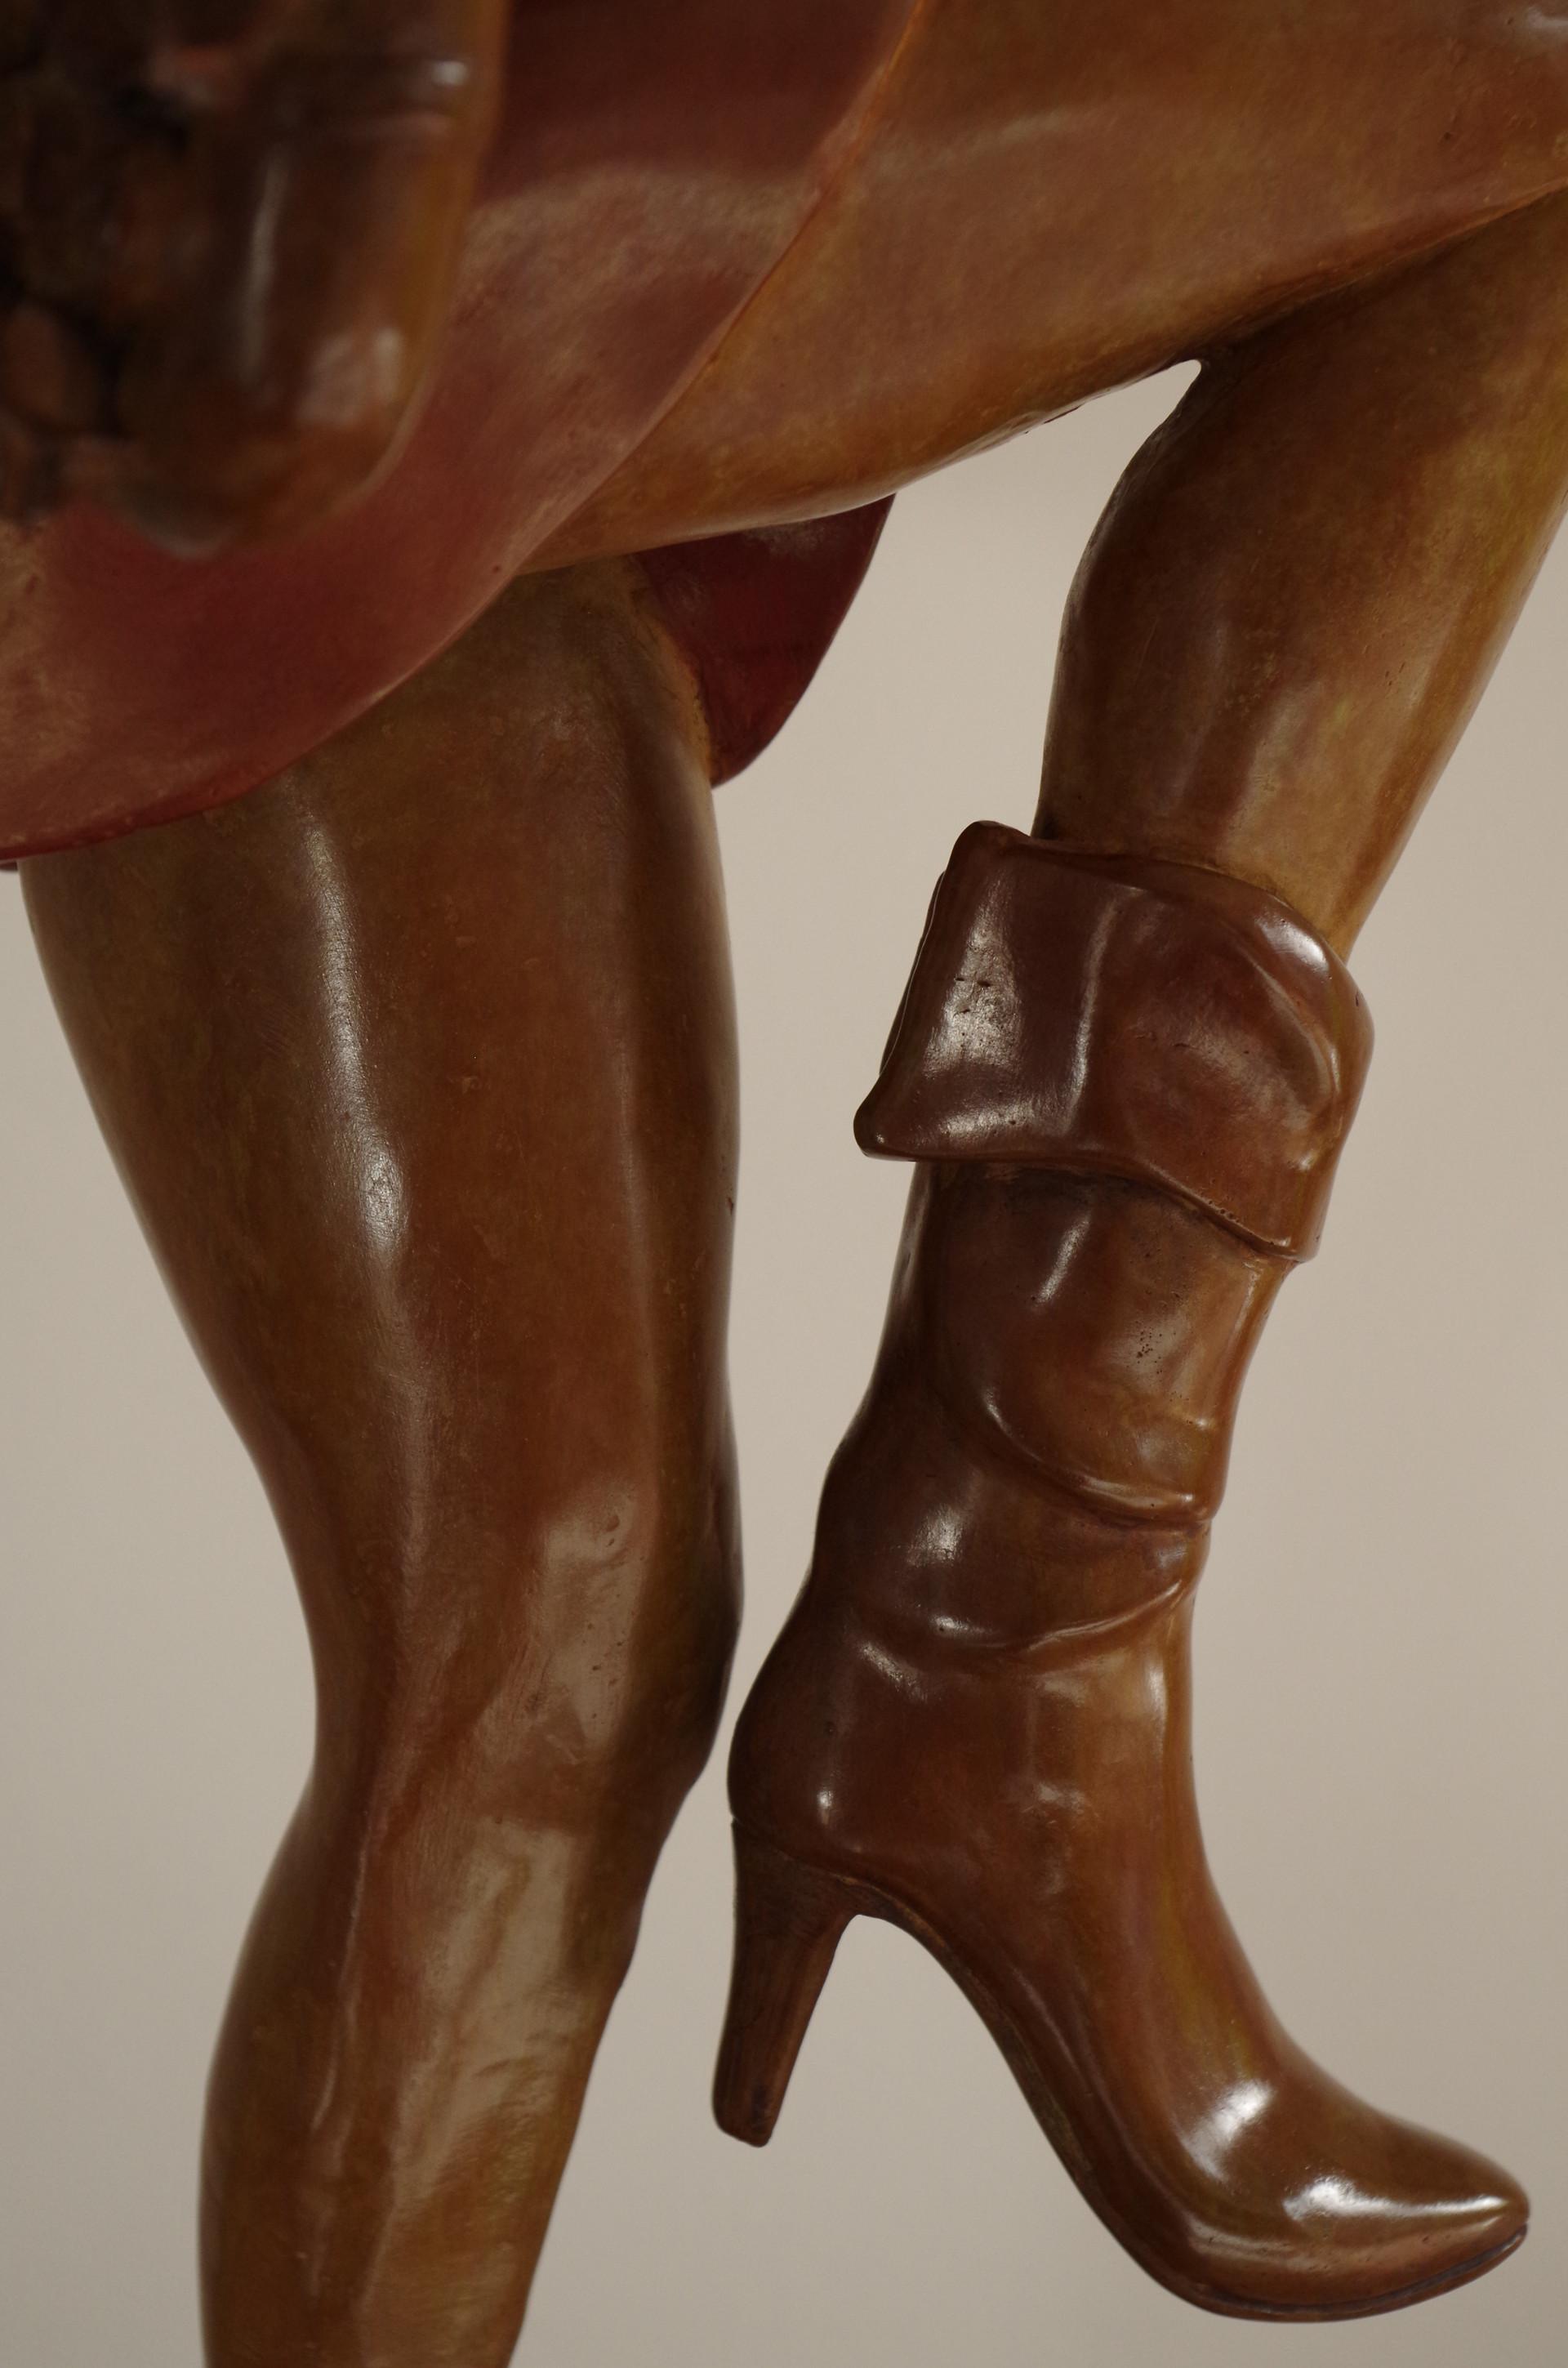 Bottines et mouvement de jambes